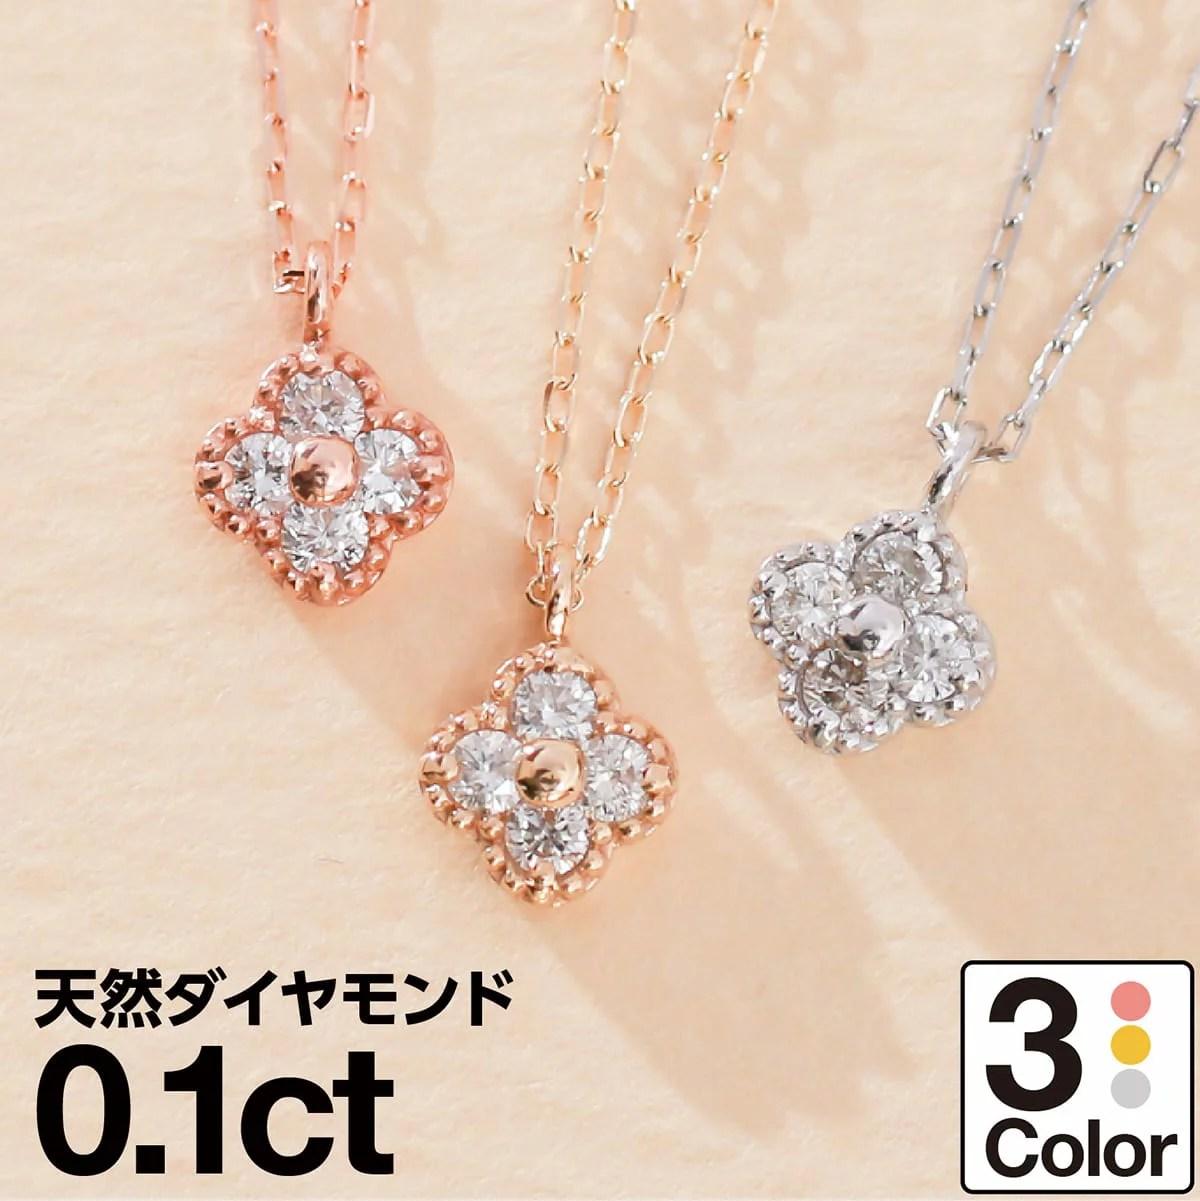 ネックレス ダイヤモンド k10 イエローゴールド/ホワイトゴールド/ピンクゴー